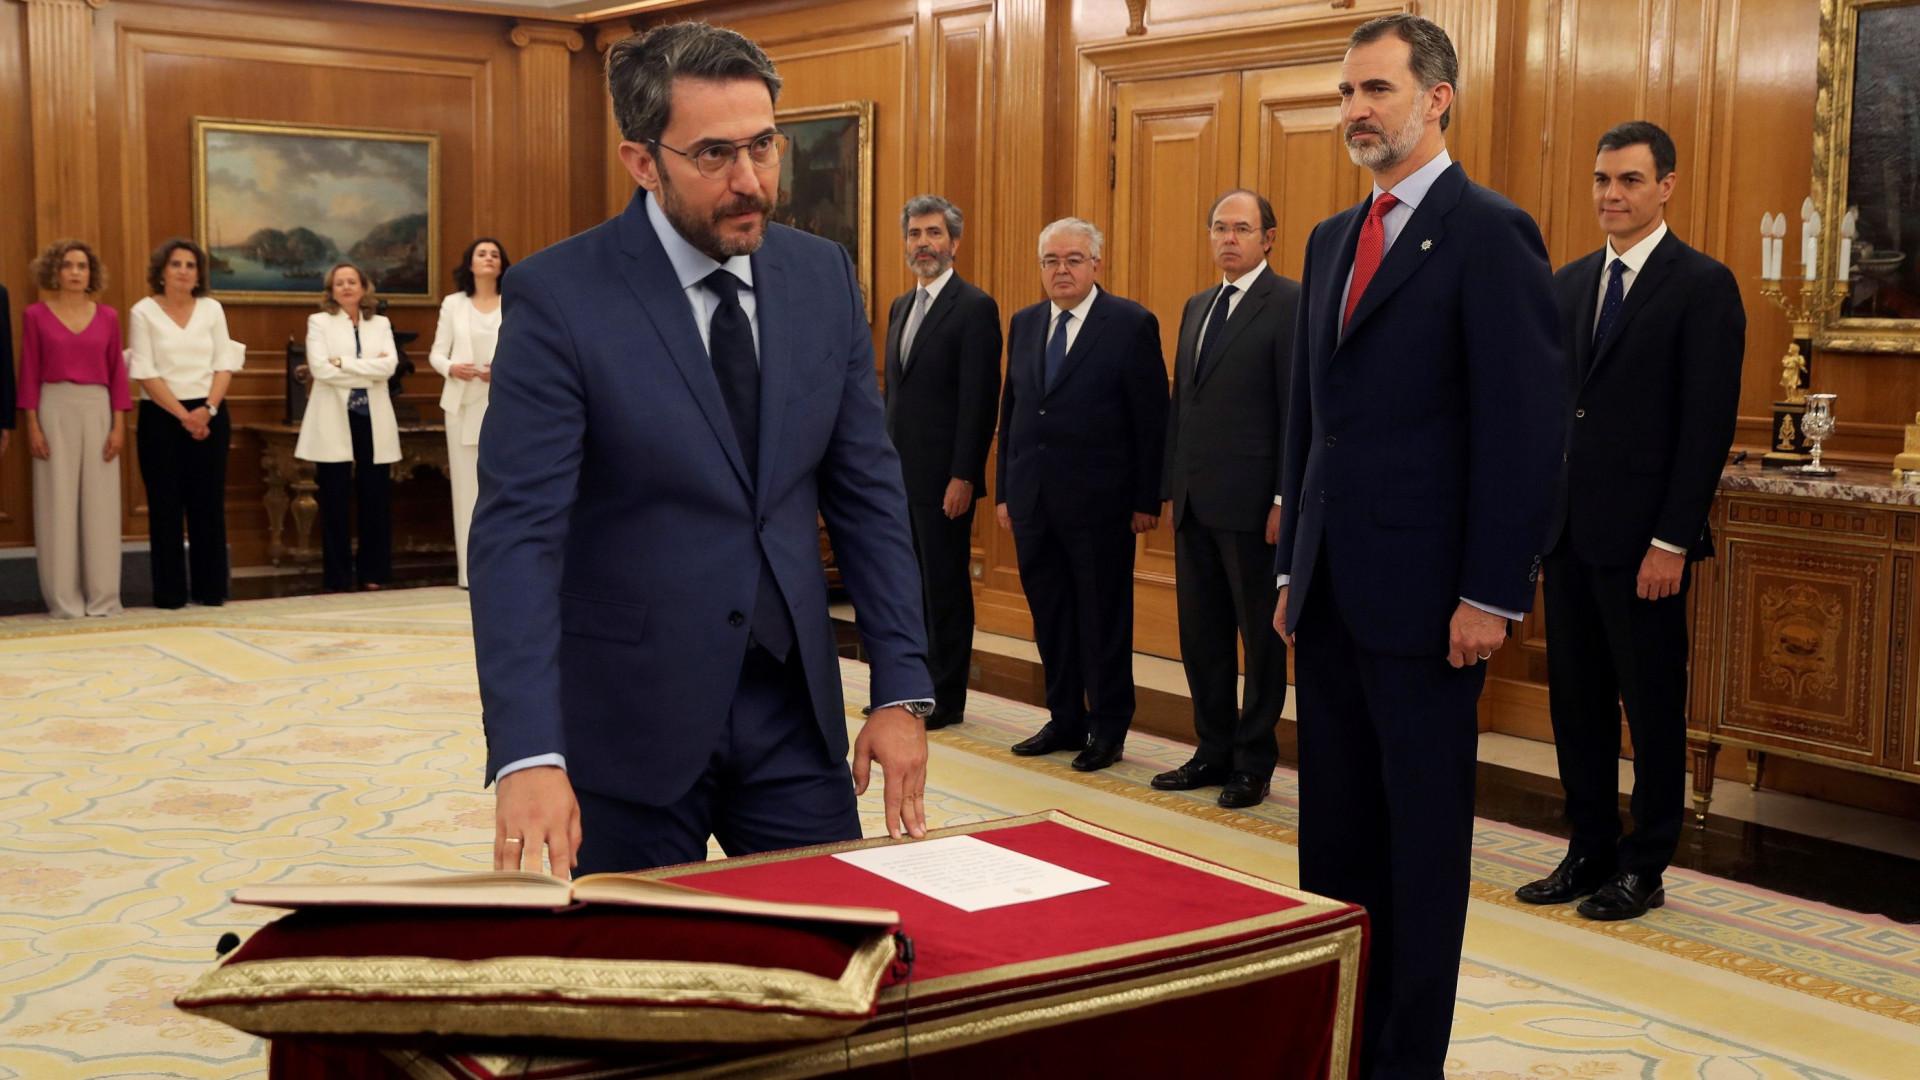 Ministro da Cultura e Desporto espanhol demite-se